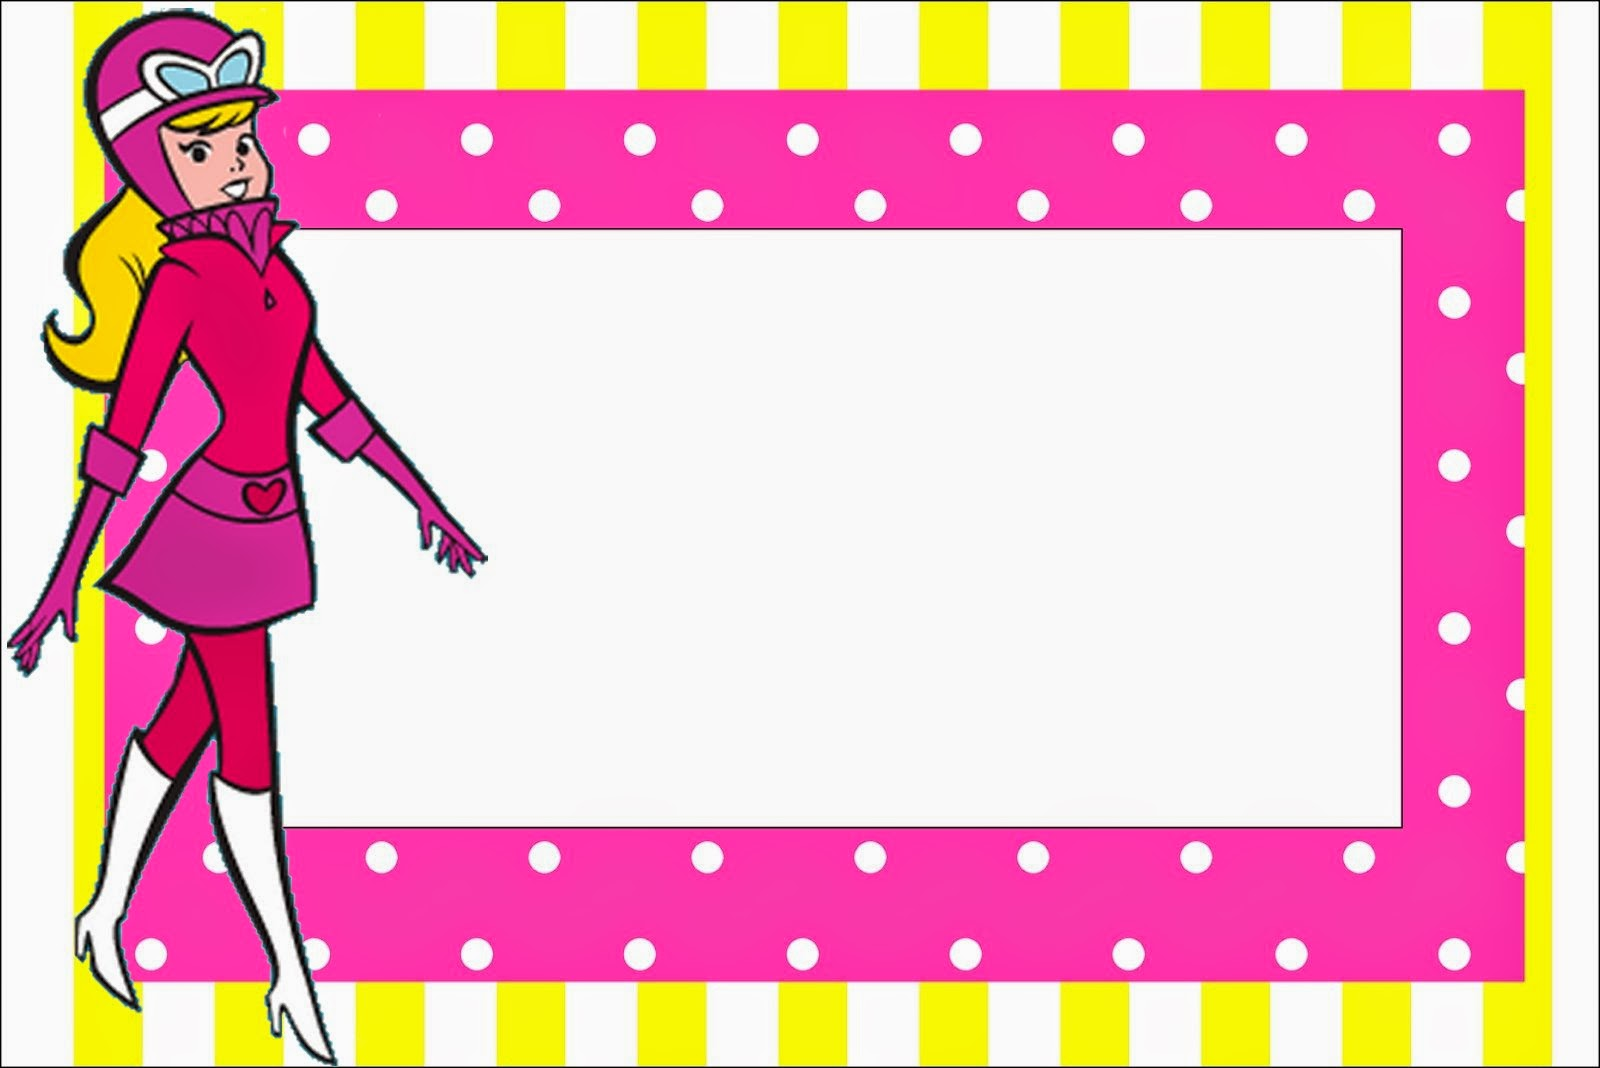 Para hacer invitaciones, tarjetas, marcos de fotos o etiquetas, para imprimir gratis de Penelope Glamour Retro.